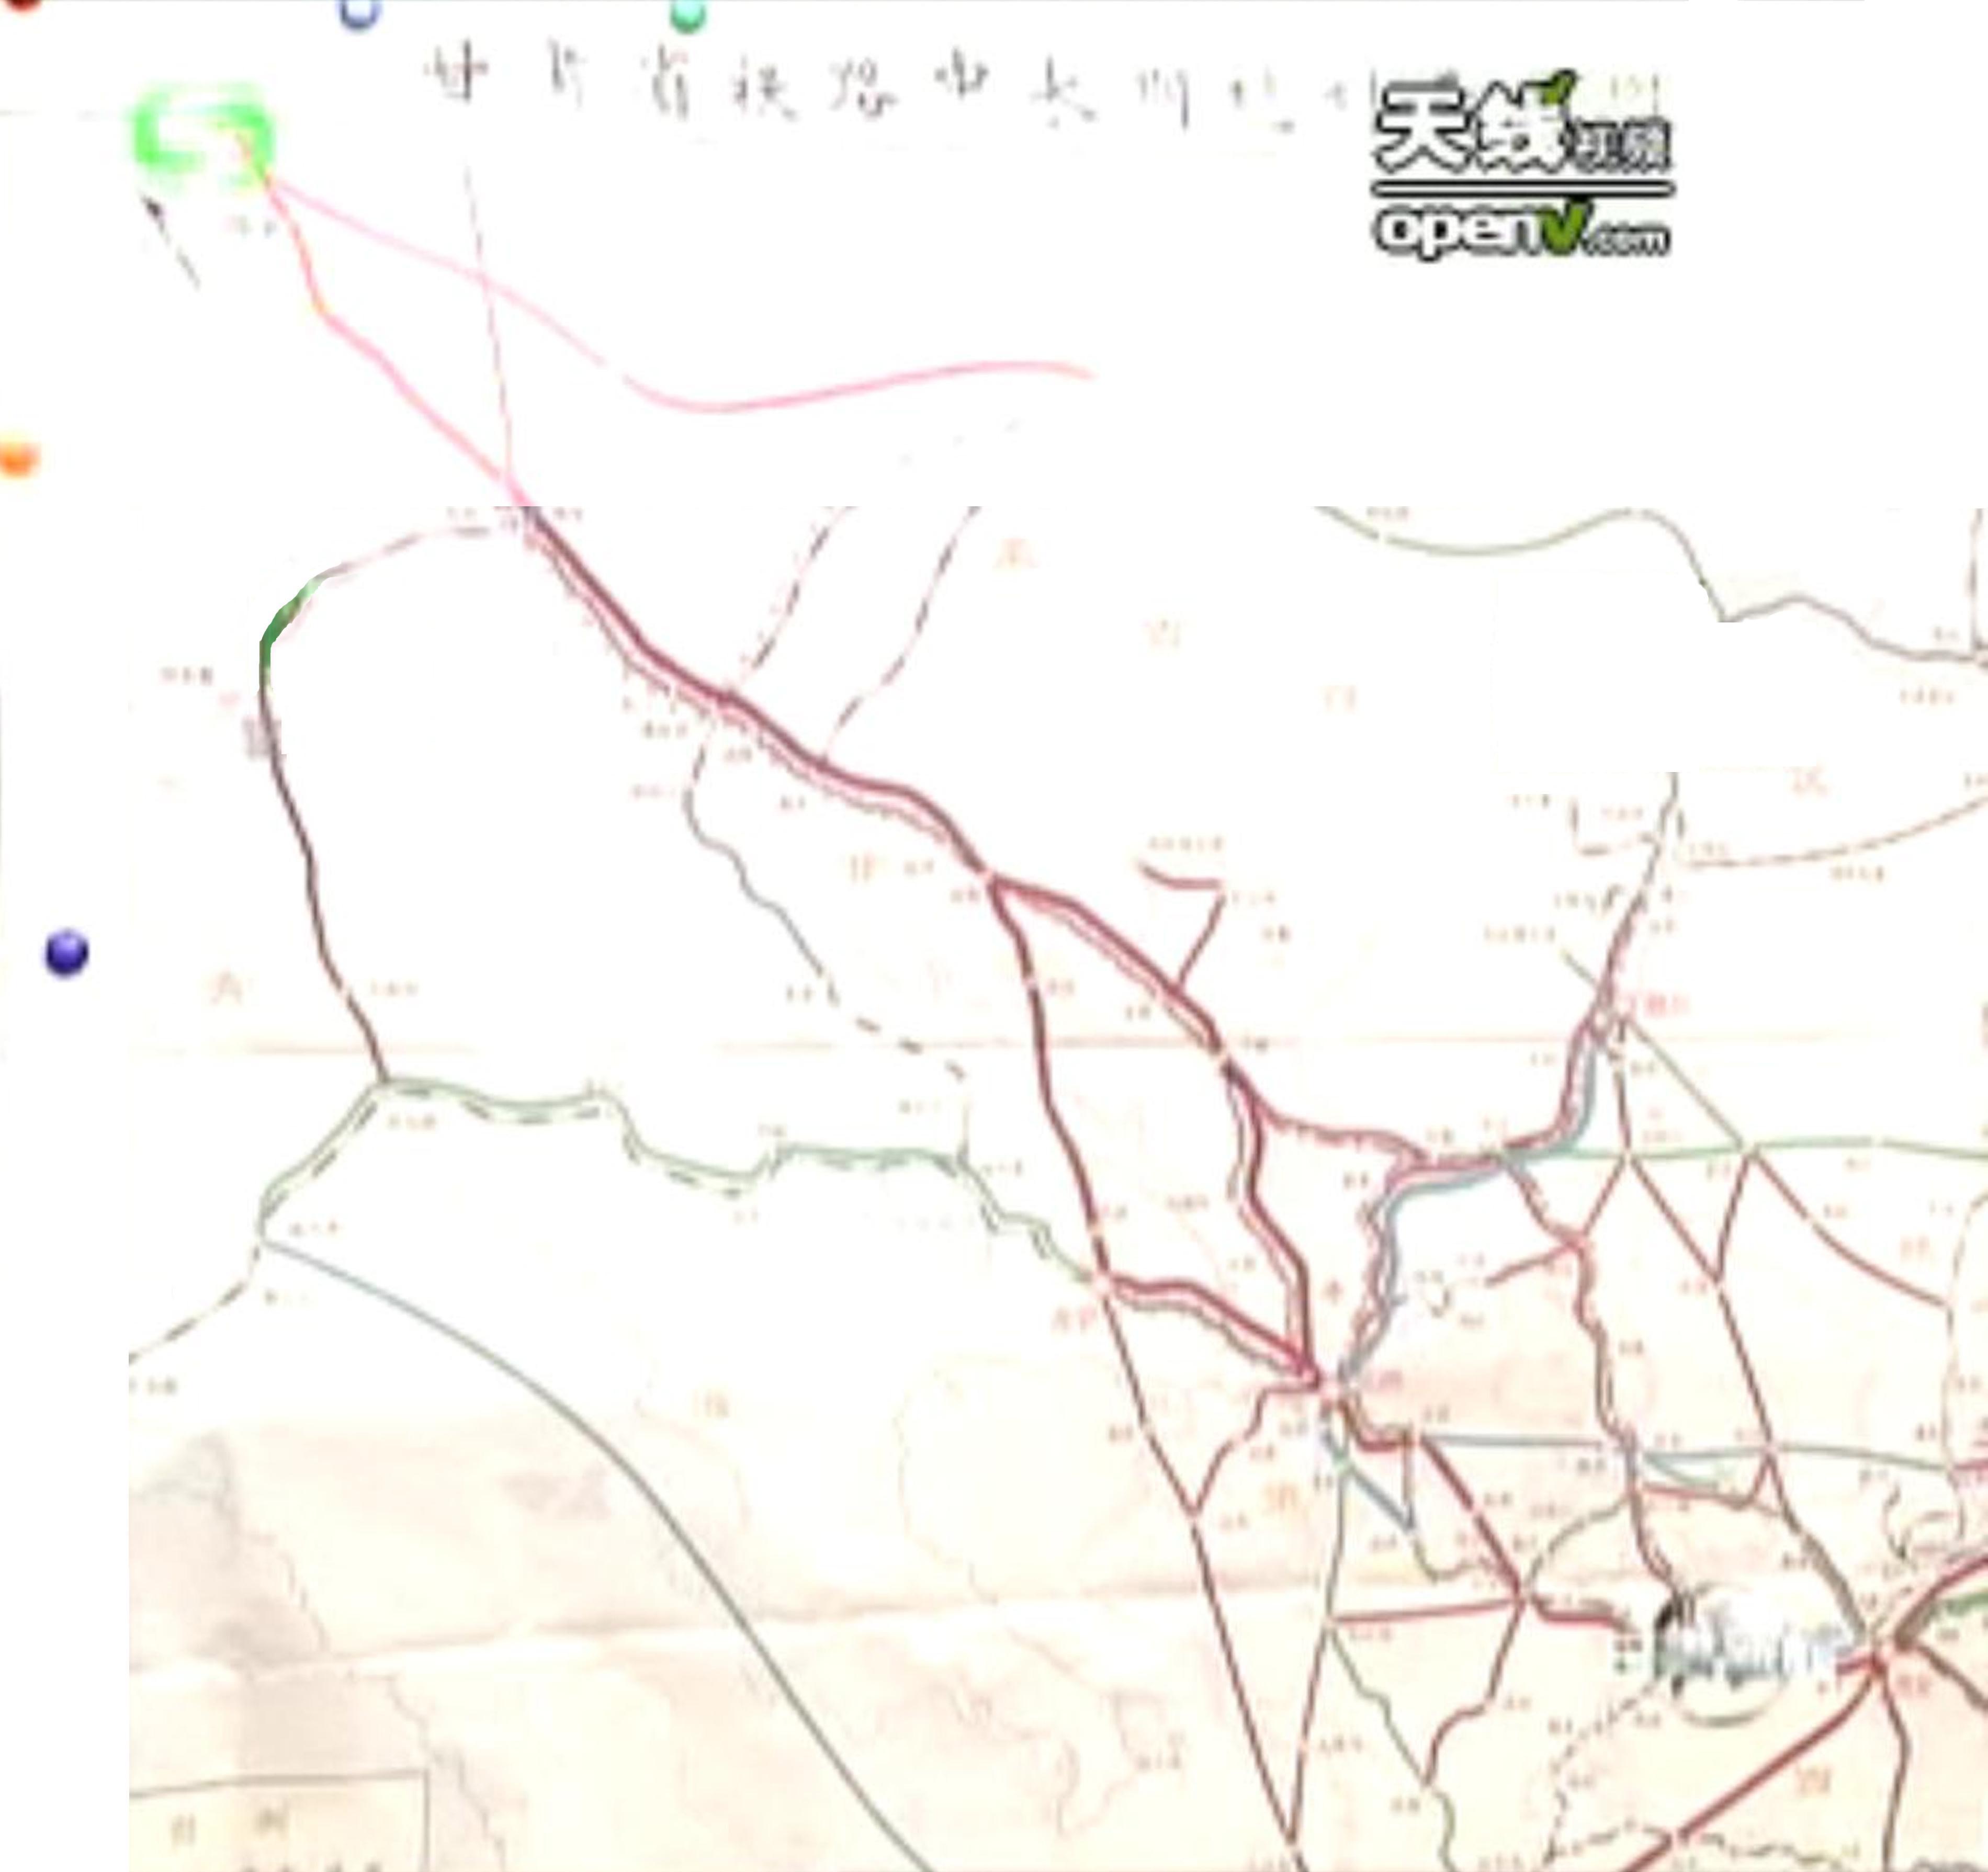 镜铁山--木里铁路列入甘肃省中长期铁路规划图; 铁路中长期规划图